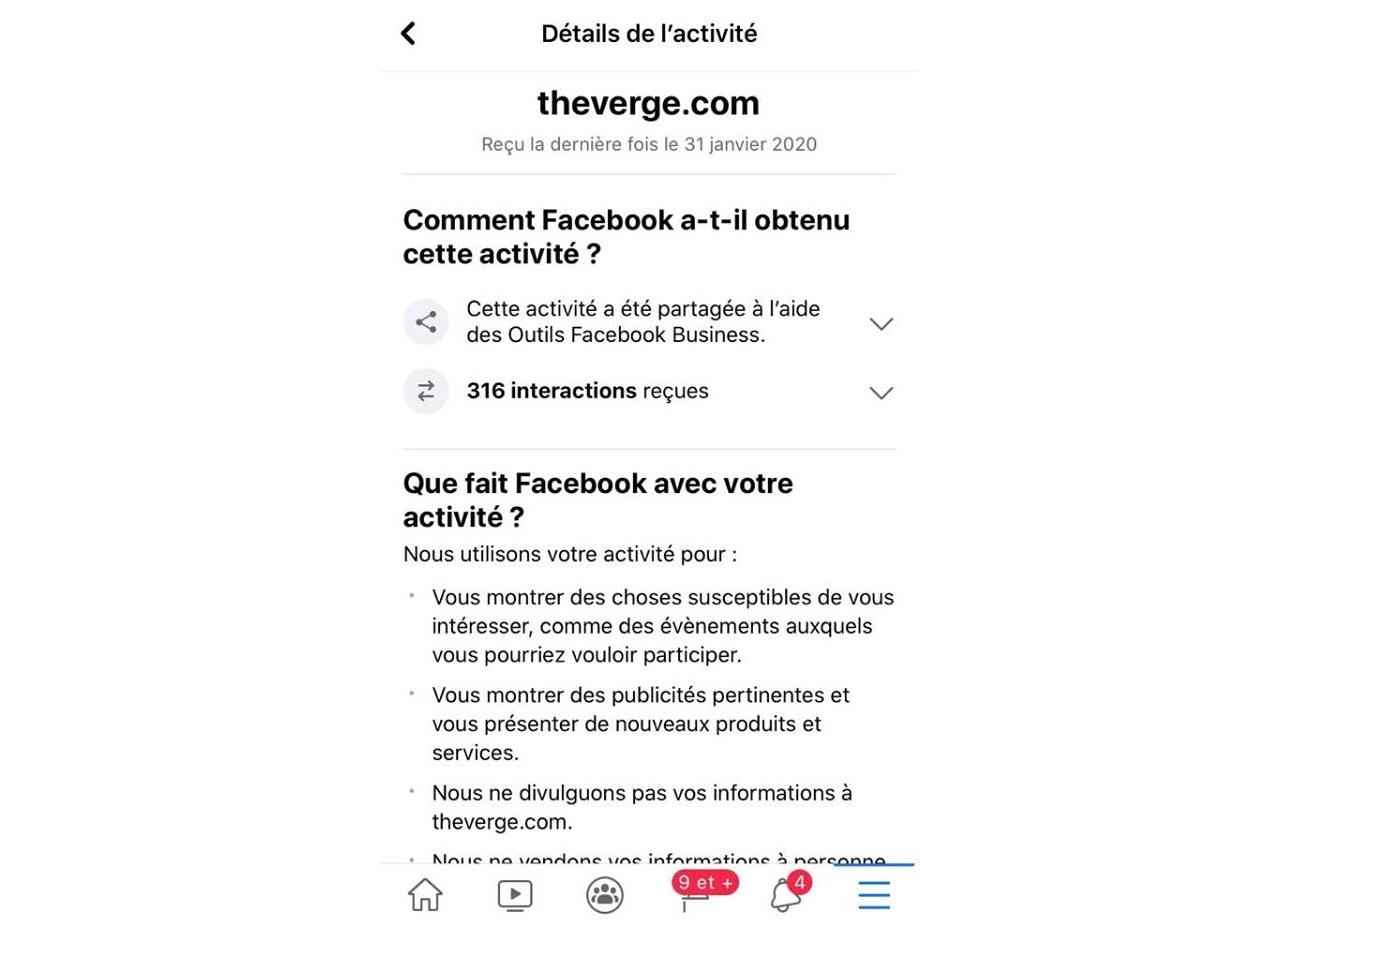 Les activités en dehors de Facebook